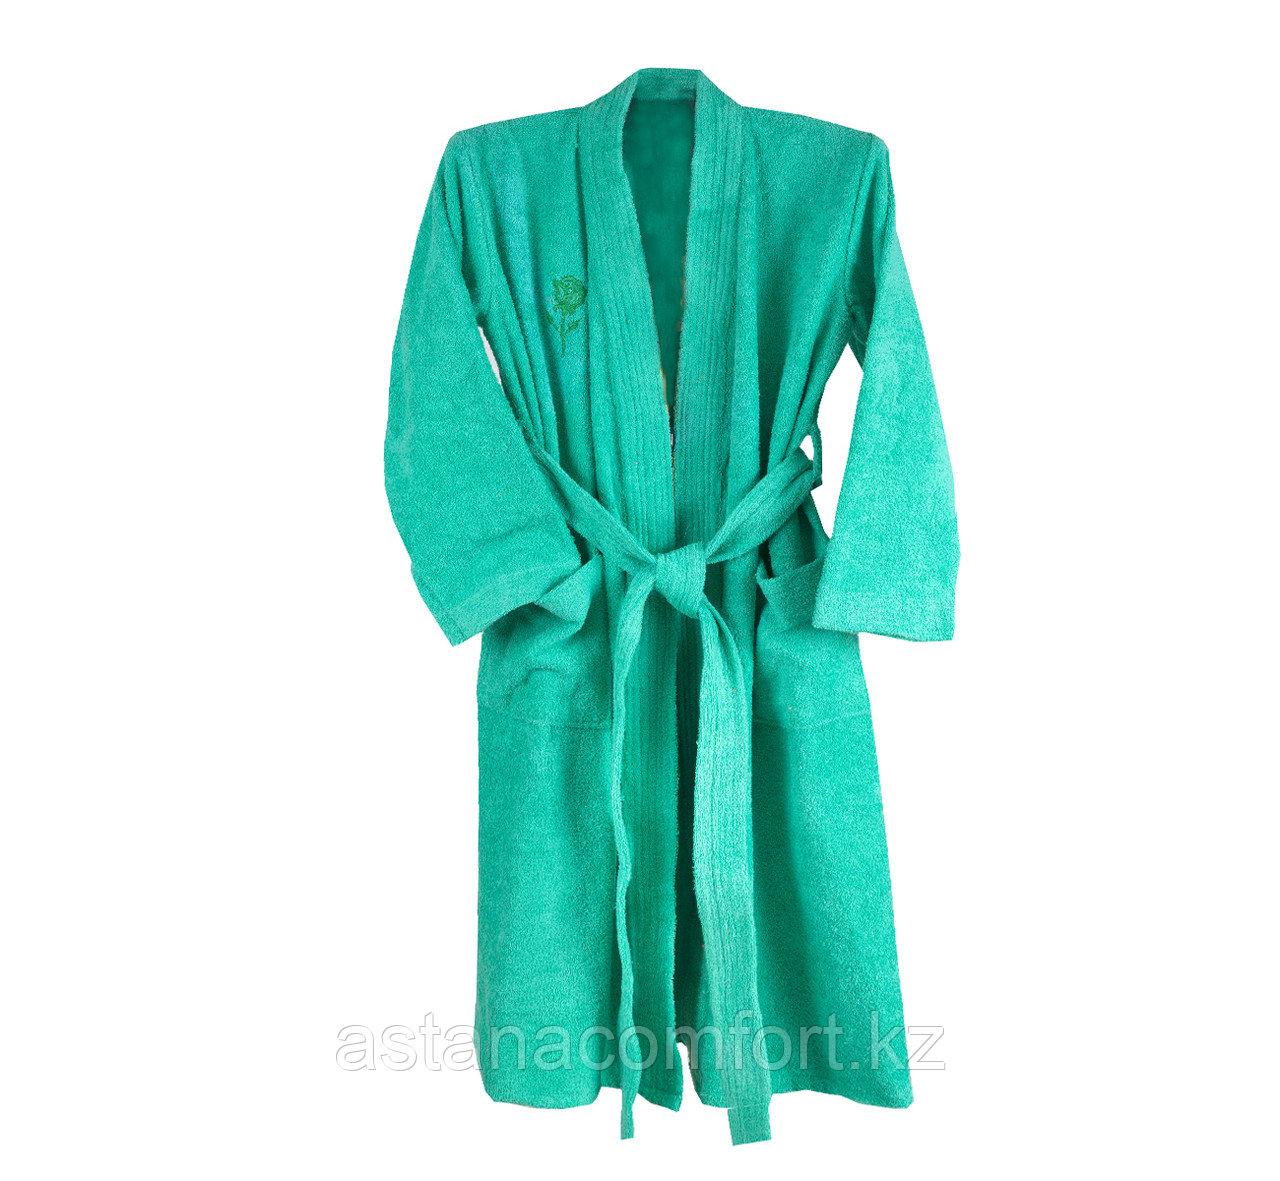 Женский халат-кимоно махровый